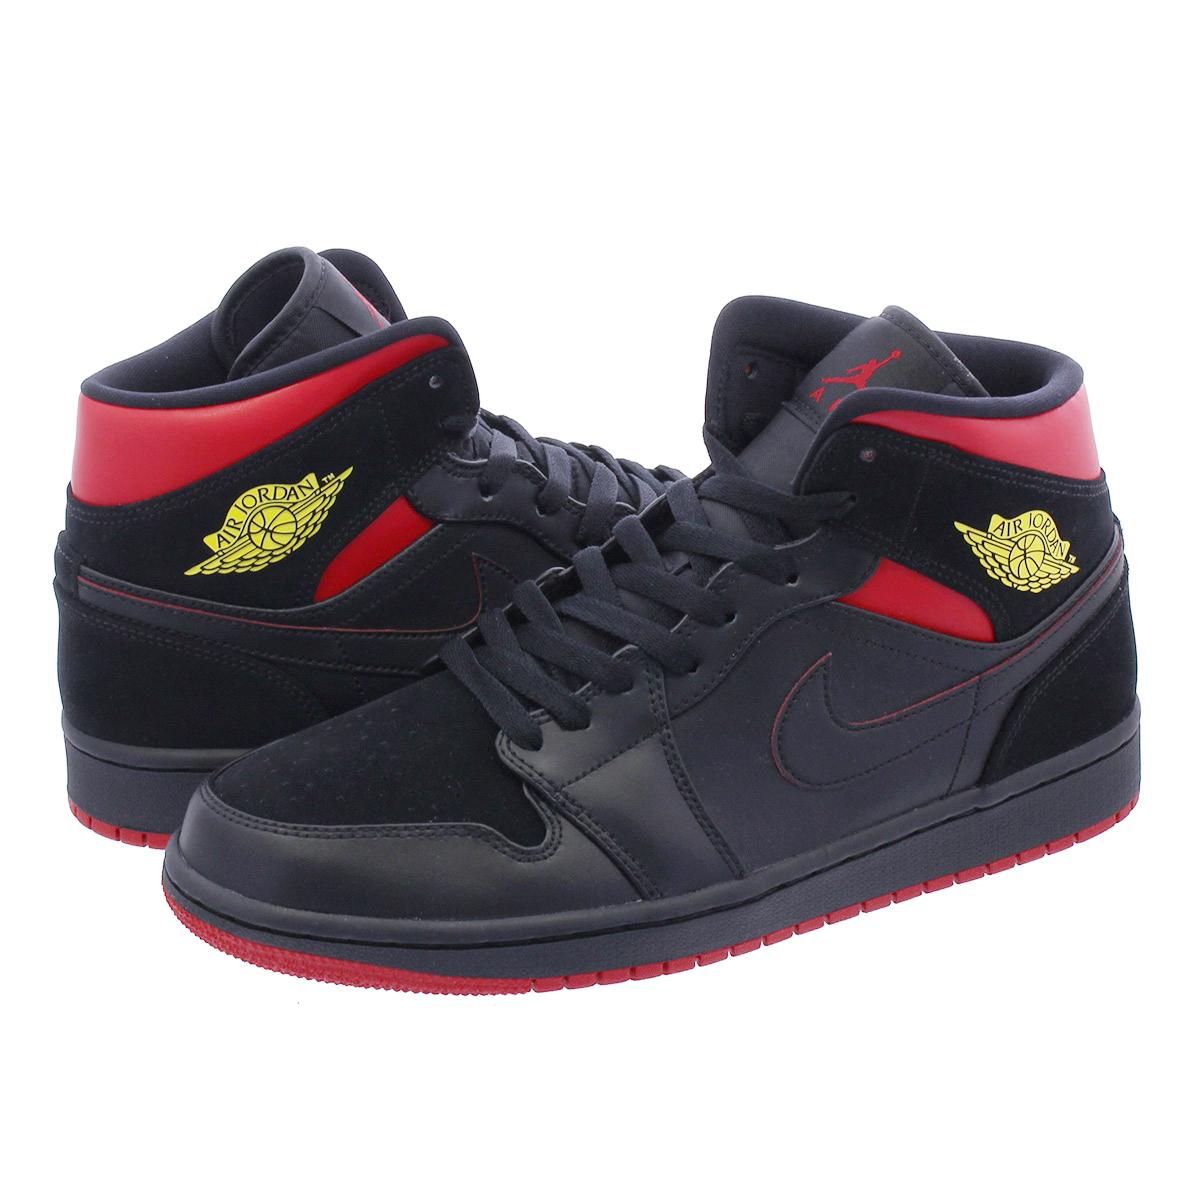 9989d9fed4c6 NIKE AIR JORDAN 1 MID Nike Air Jordan 1 mid BLACK VARSITY RED YELLOW 554